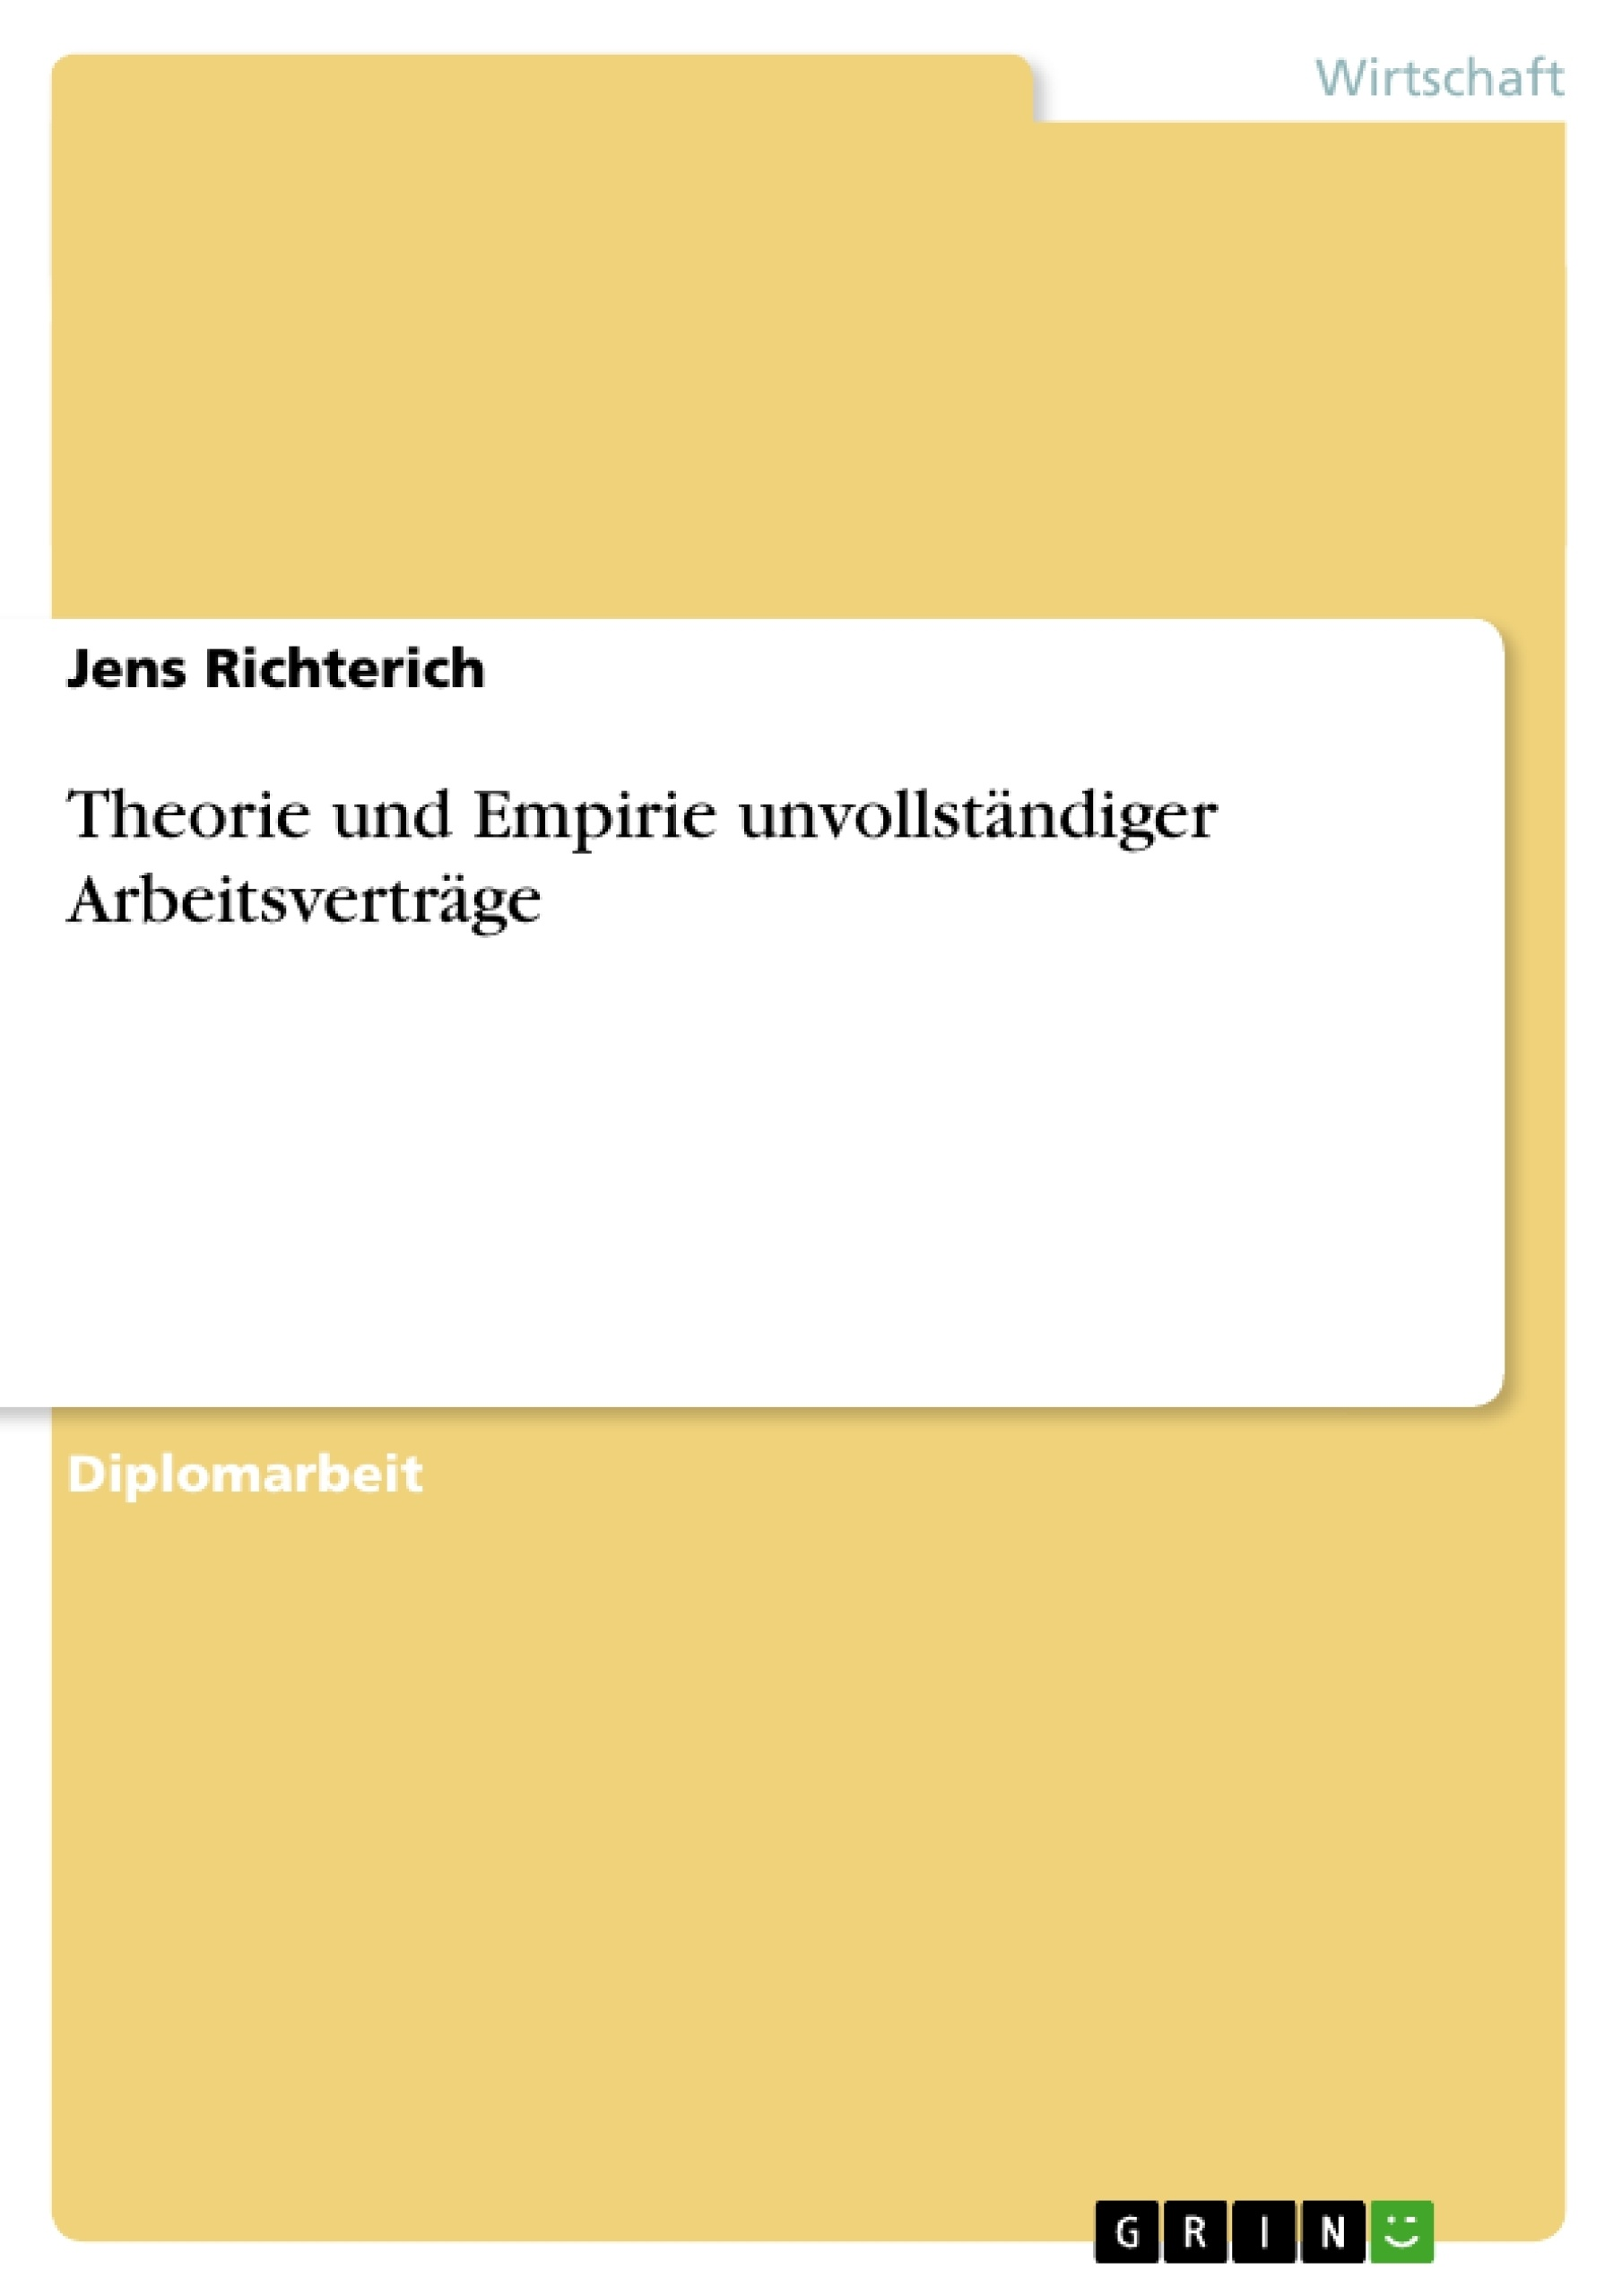 Titel: Theorie und Empirie unvollständiger Arbeitsverträge